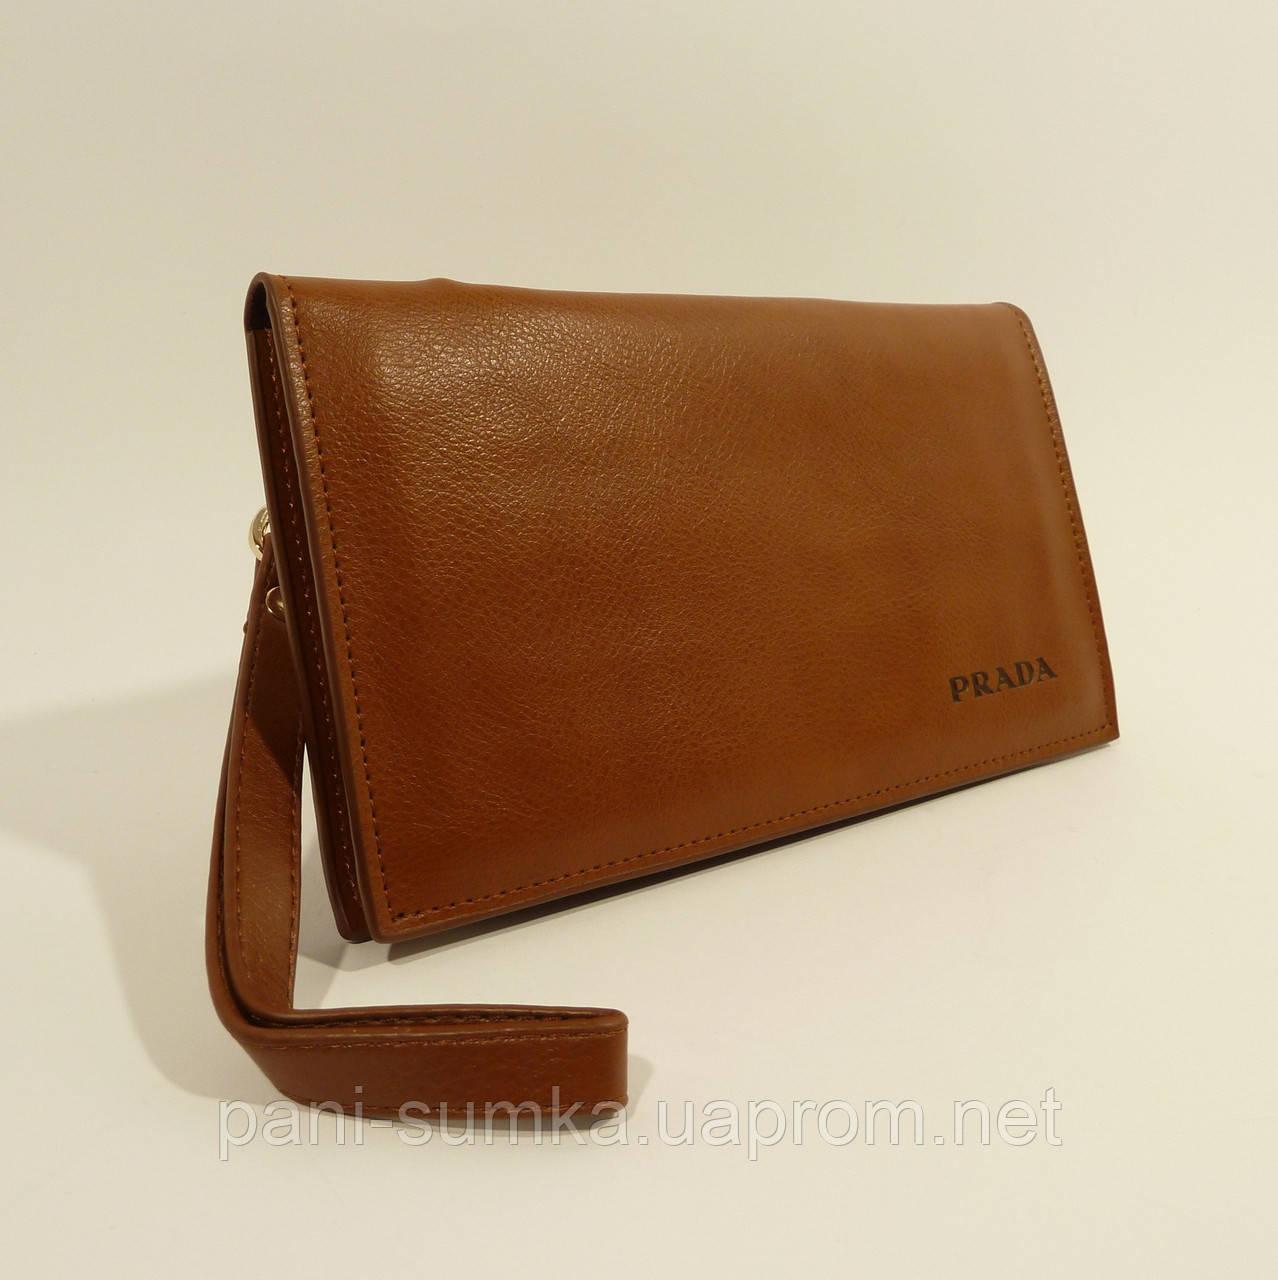 a8b9a95ba9df Мужской кожаный клатч, портмоне Prada светло-коричневый, расцветки в  наличии, фото 1